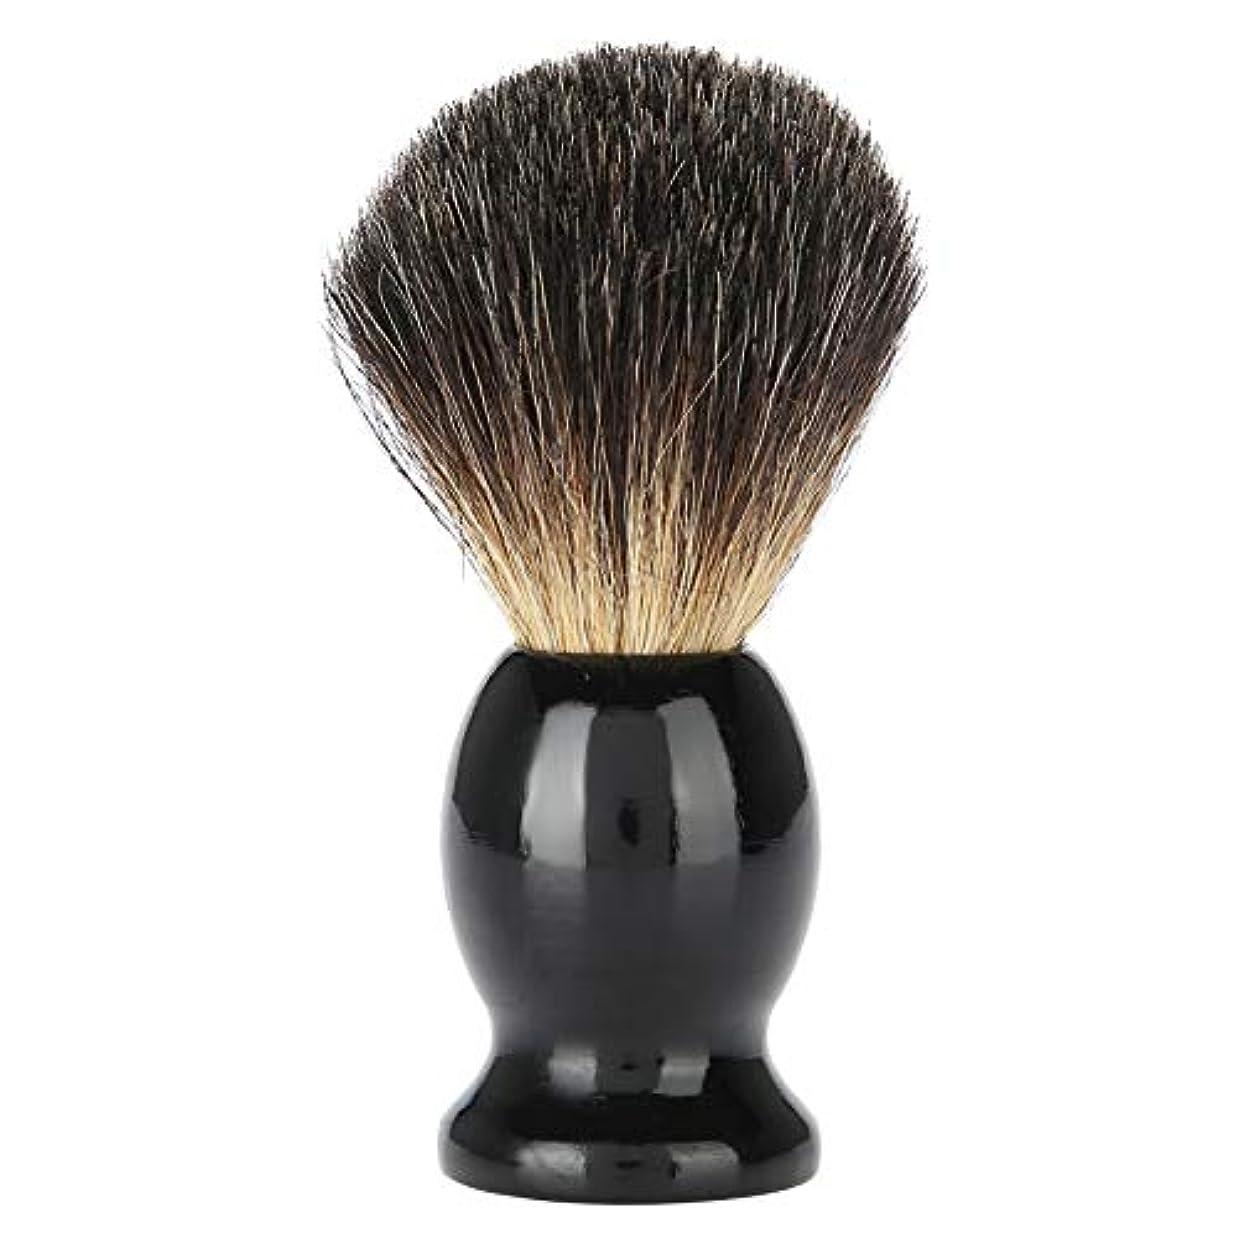 悲観的選択調子Qinlorgo シェービングブラシ メンズ シェービングブラシ 木製あごひげクリーニングブラシ 髭ブラシ 男性用シェービング用